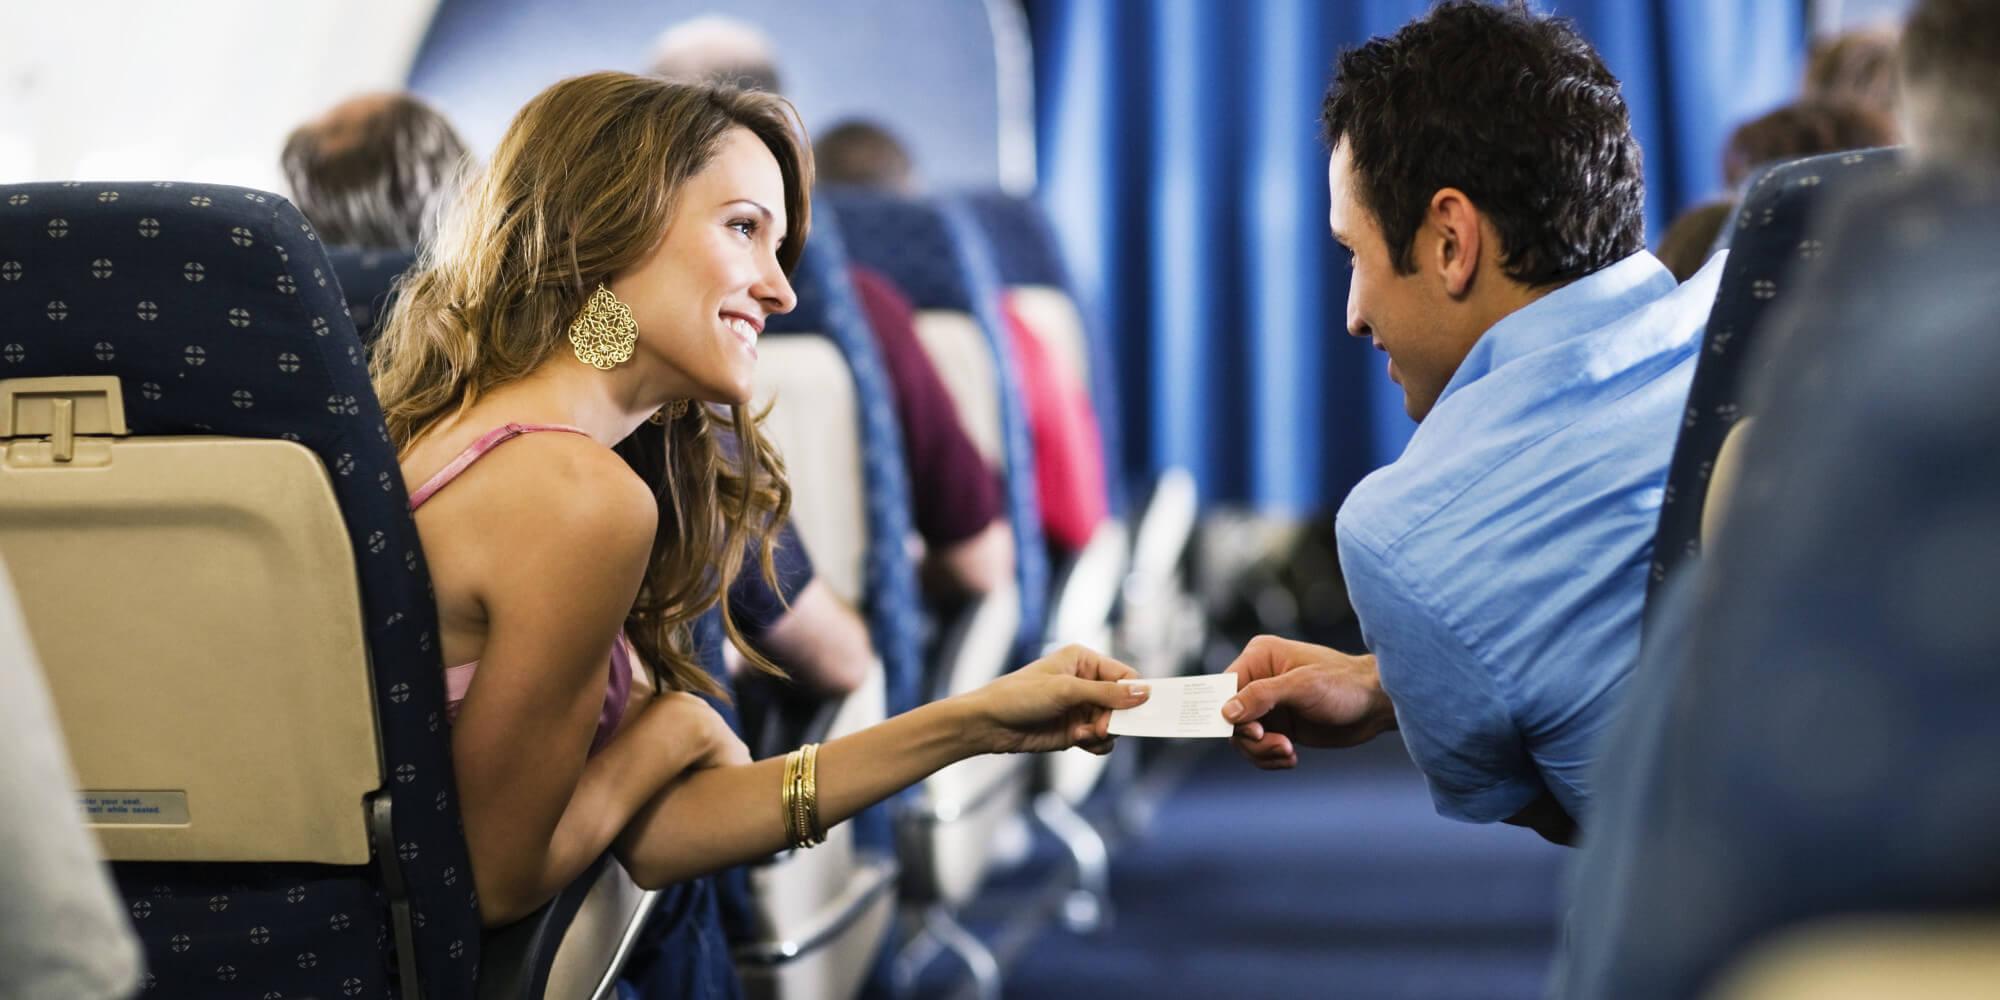 парень и девушка в самолете колготках всегда